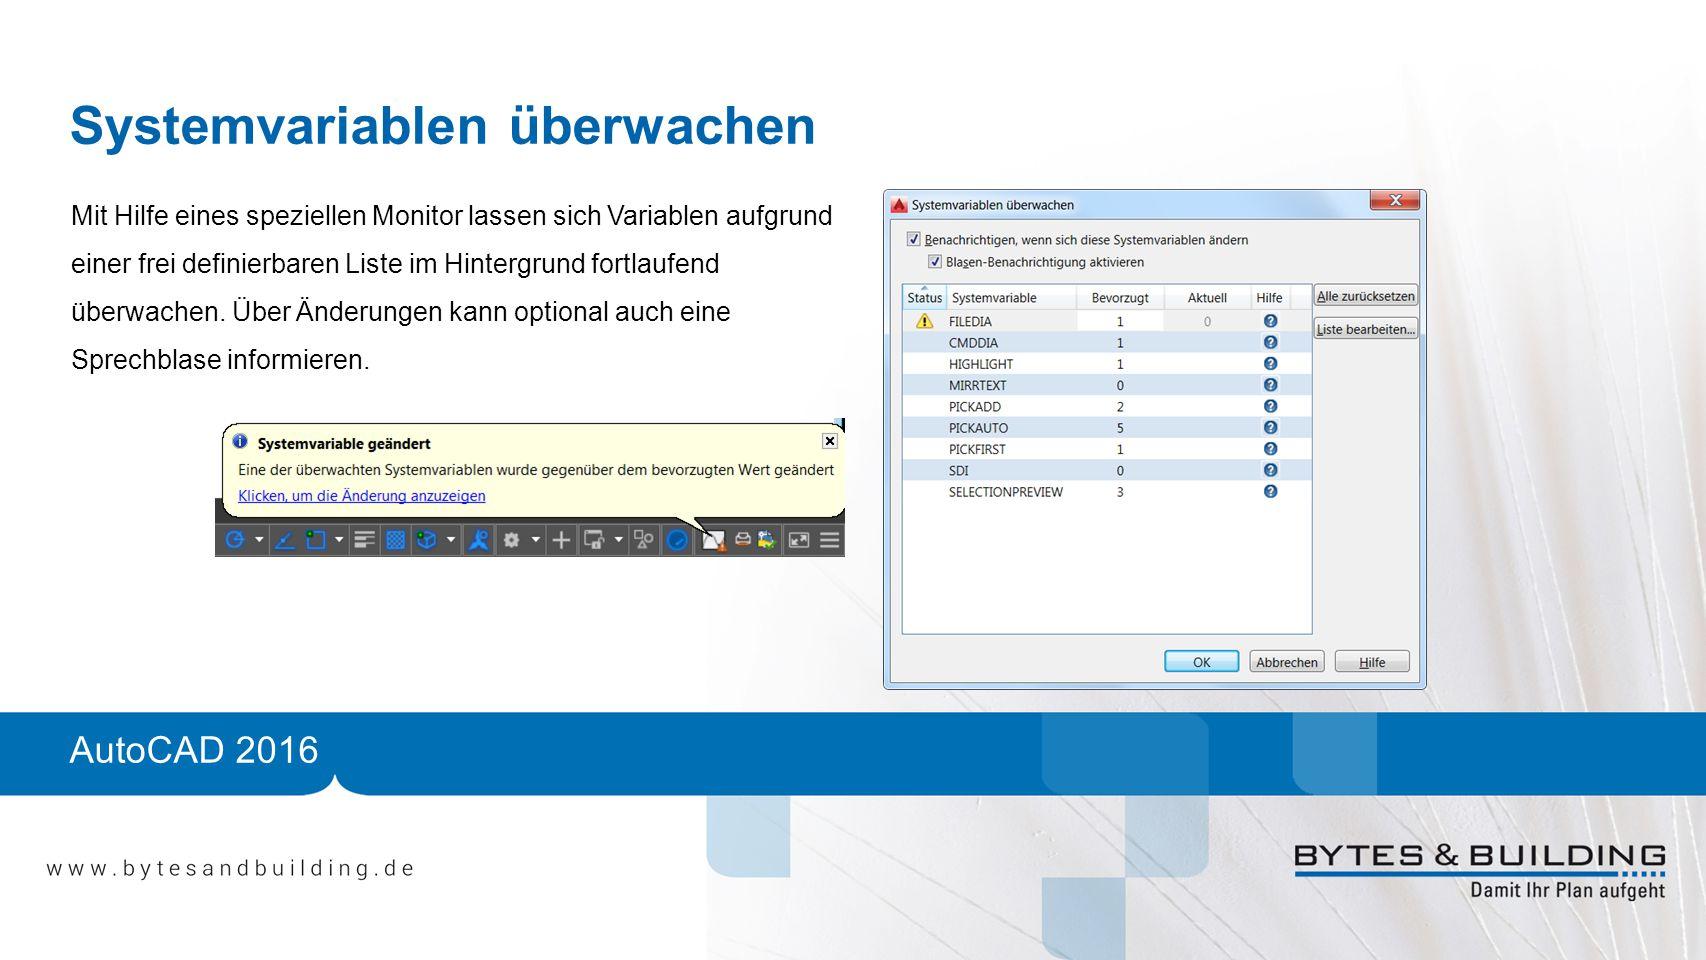 AutoCAD 2016 Systemvariablen überwachen Mit Hilfe eines speziellen Monitor lassen sich Variablen aufgrund einer frei definierbaren Liste im Hintergrun